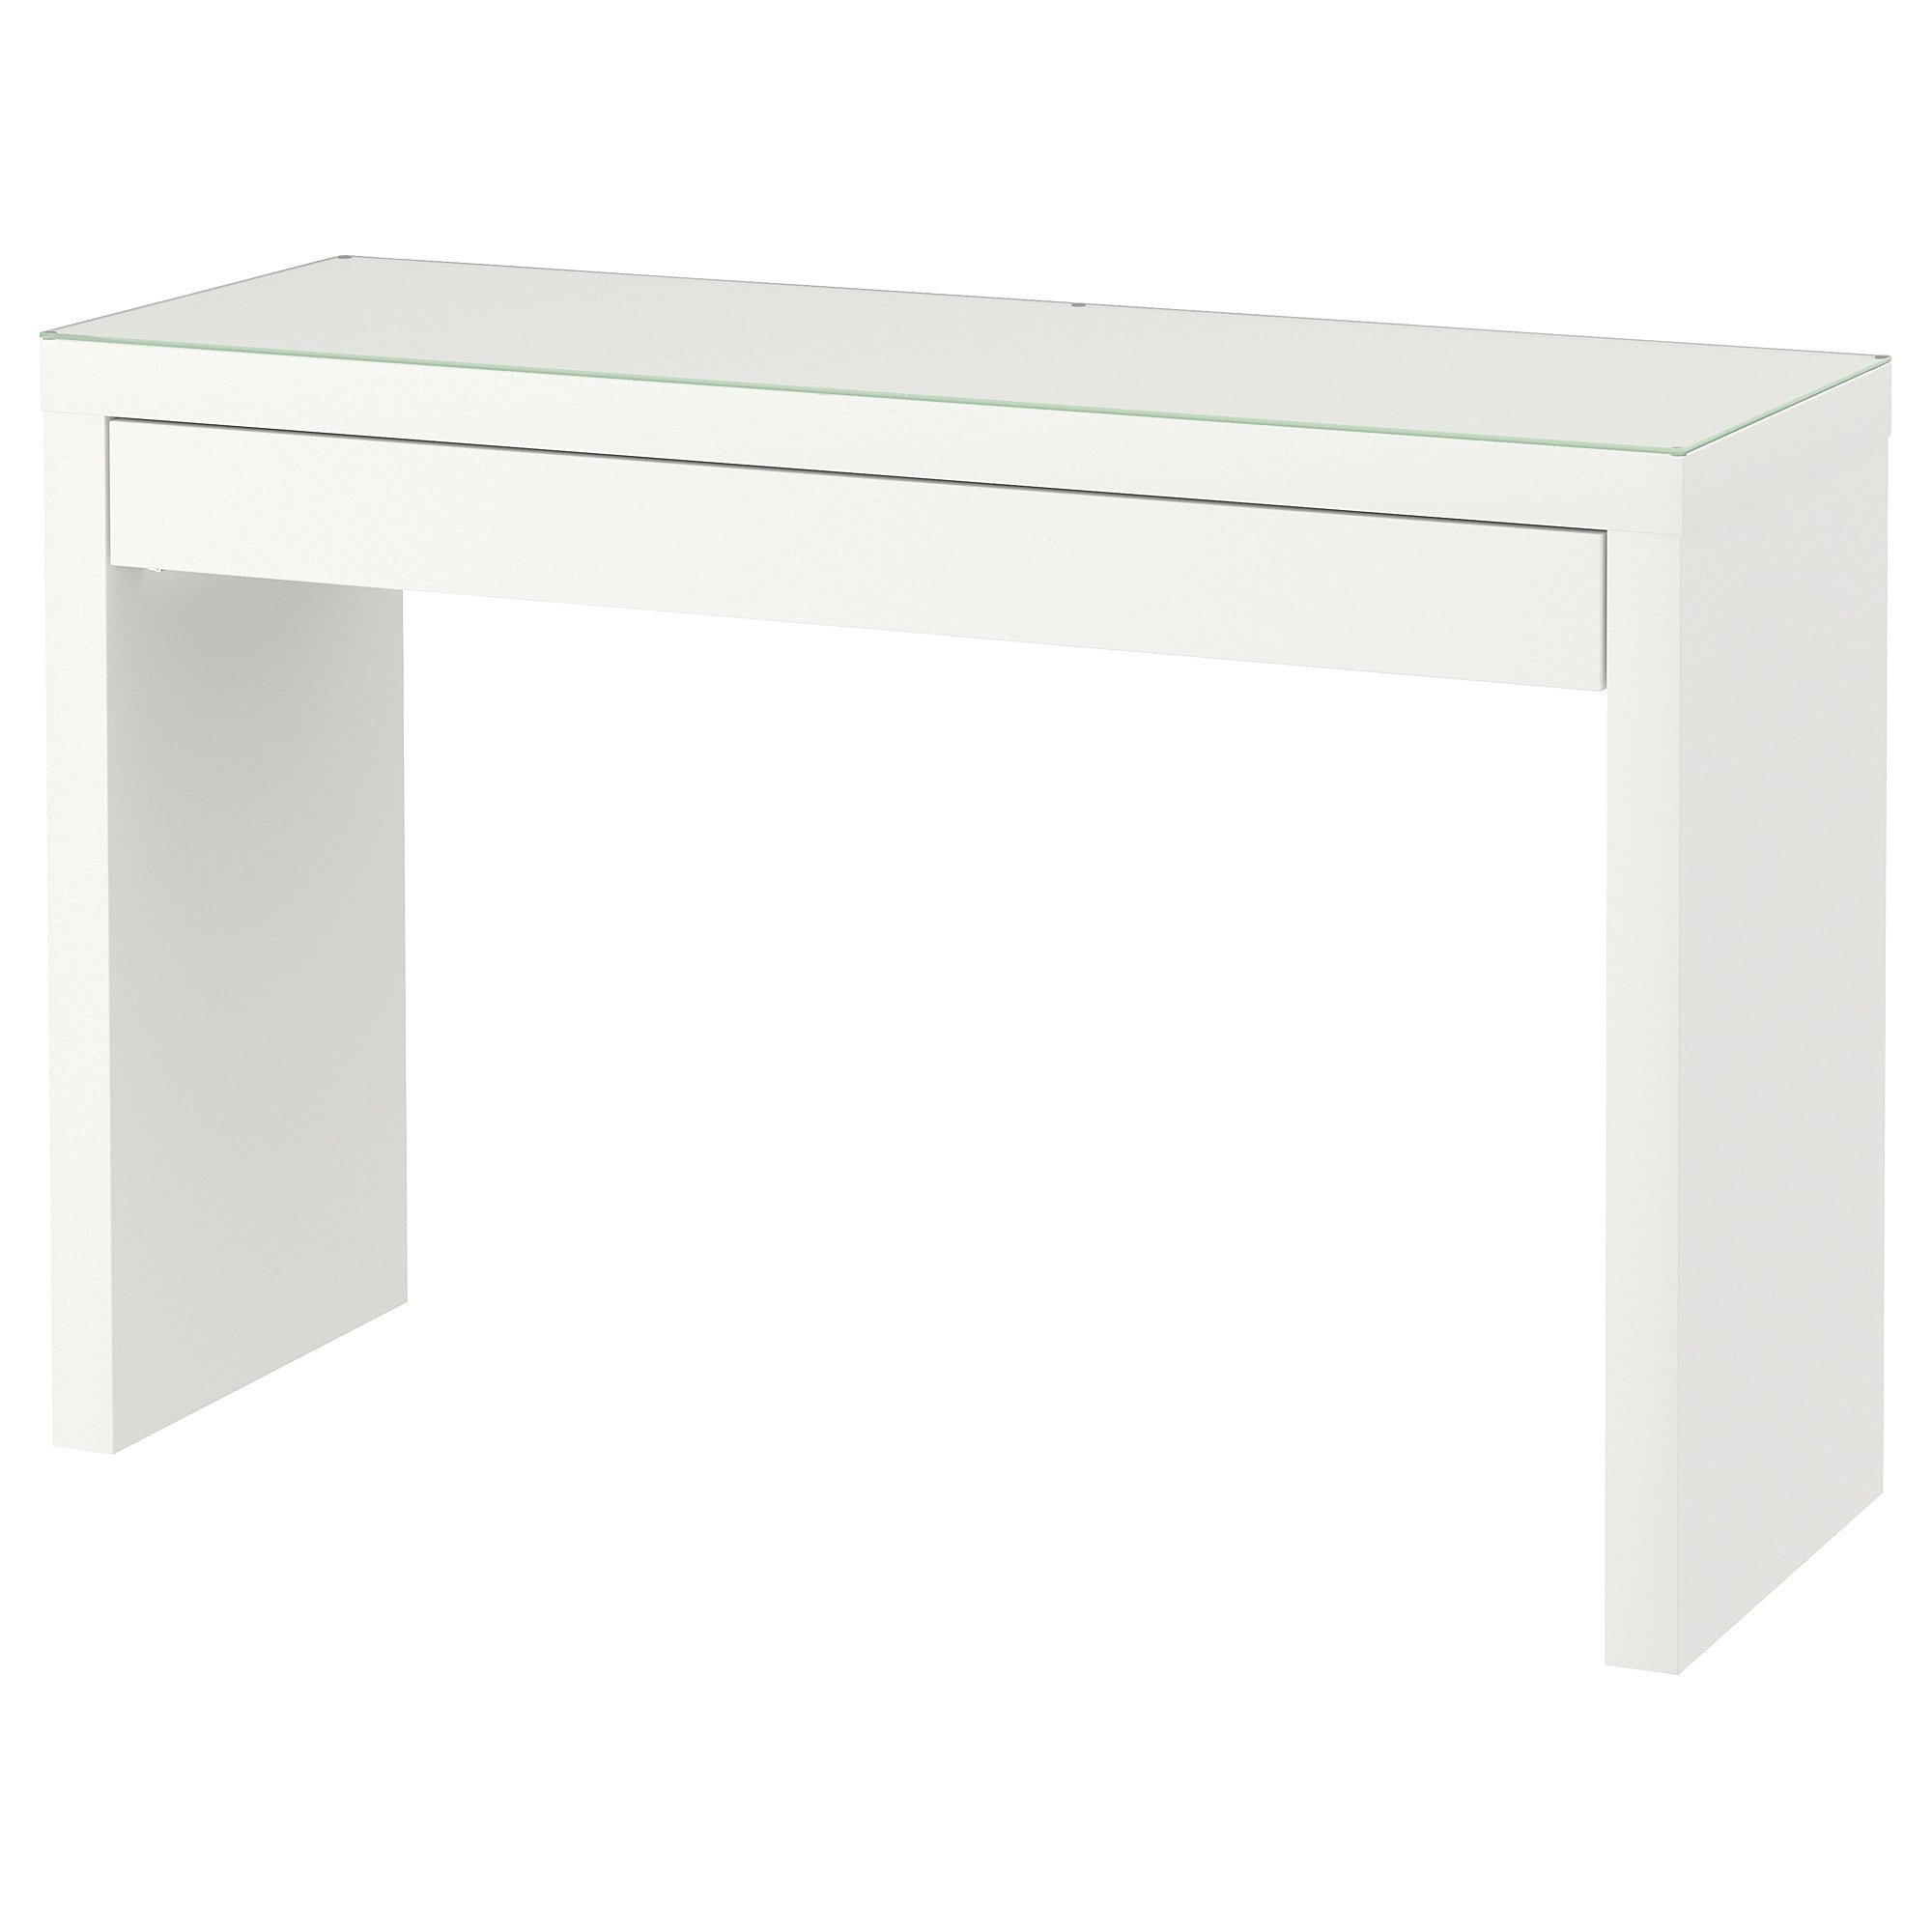 table malm